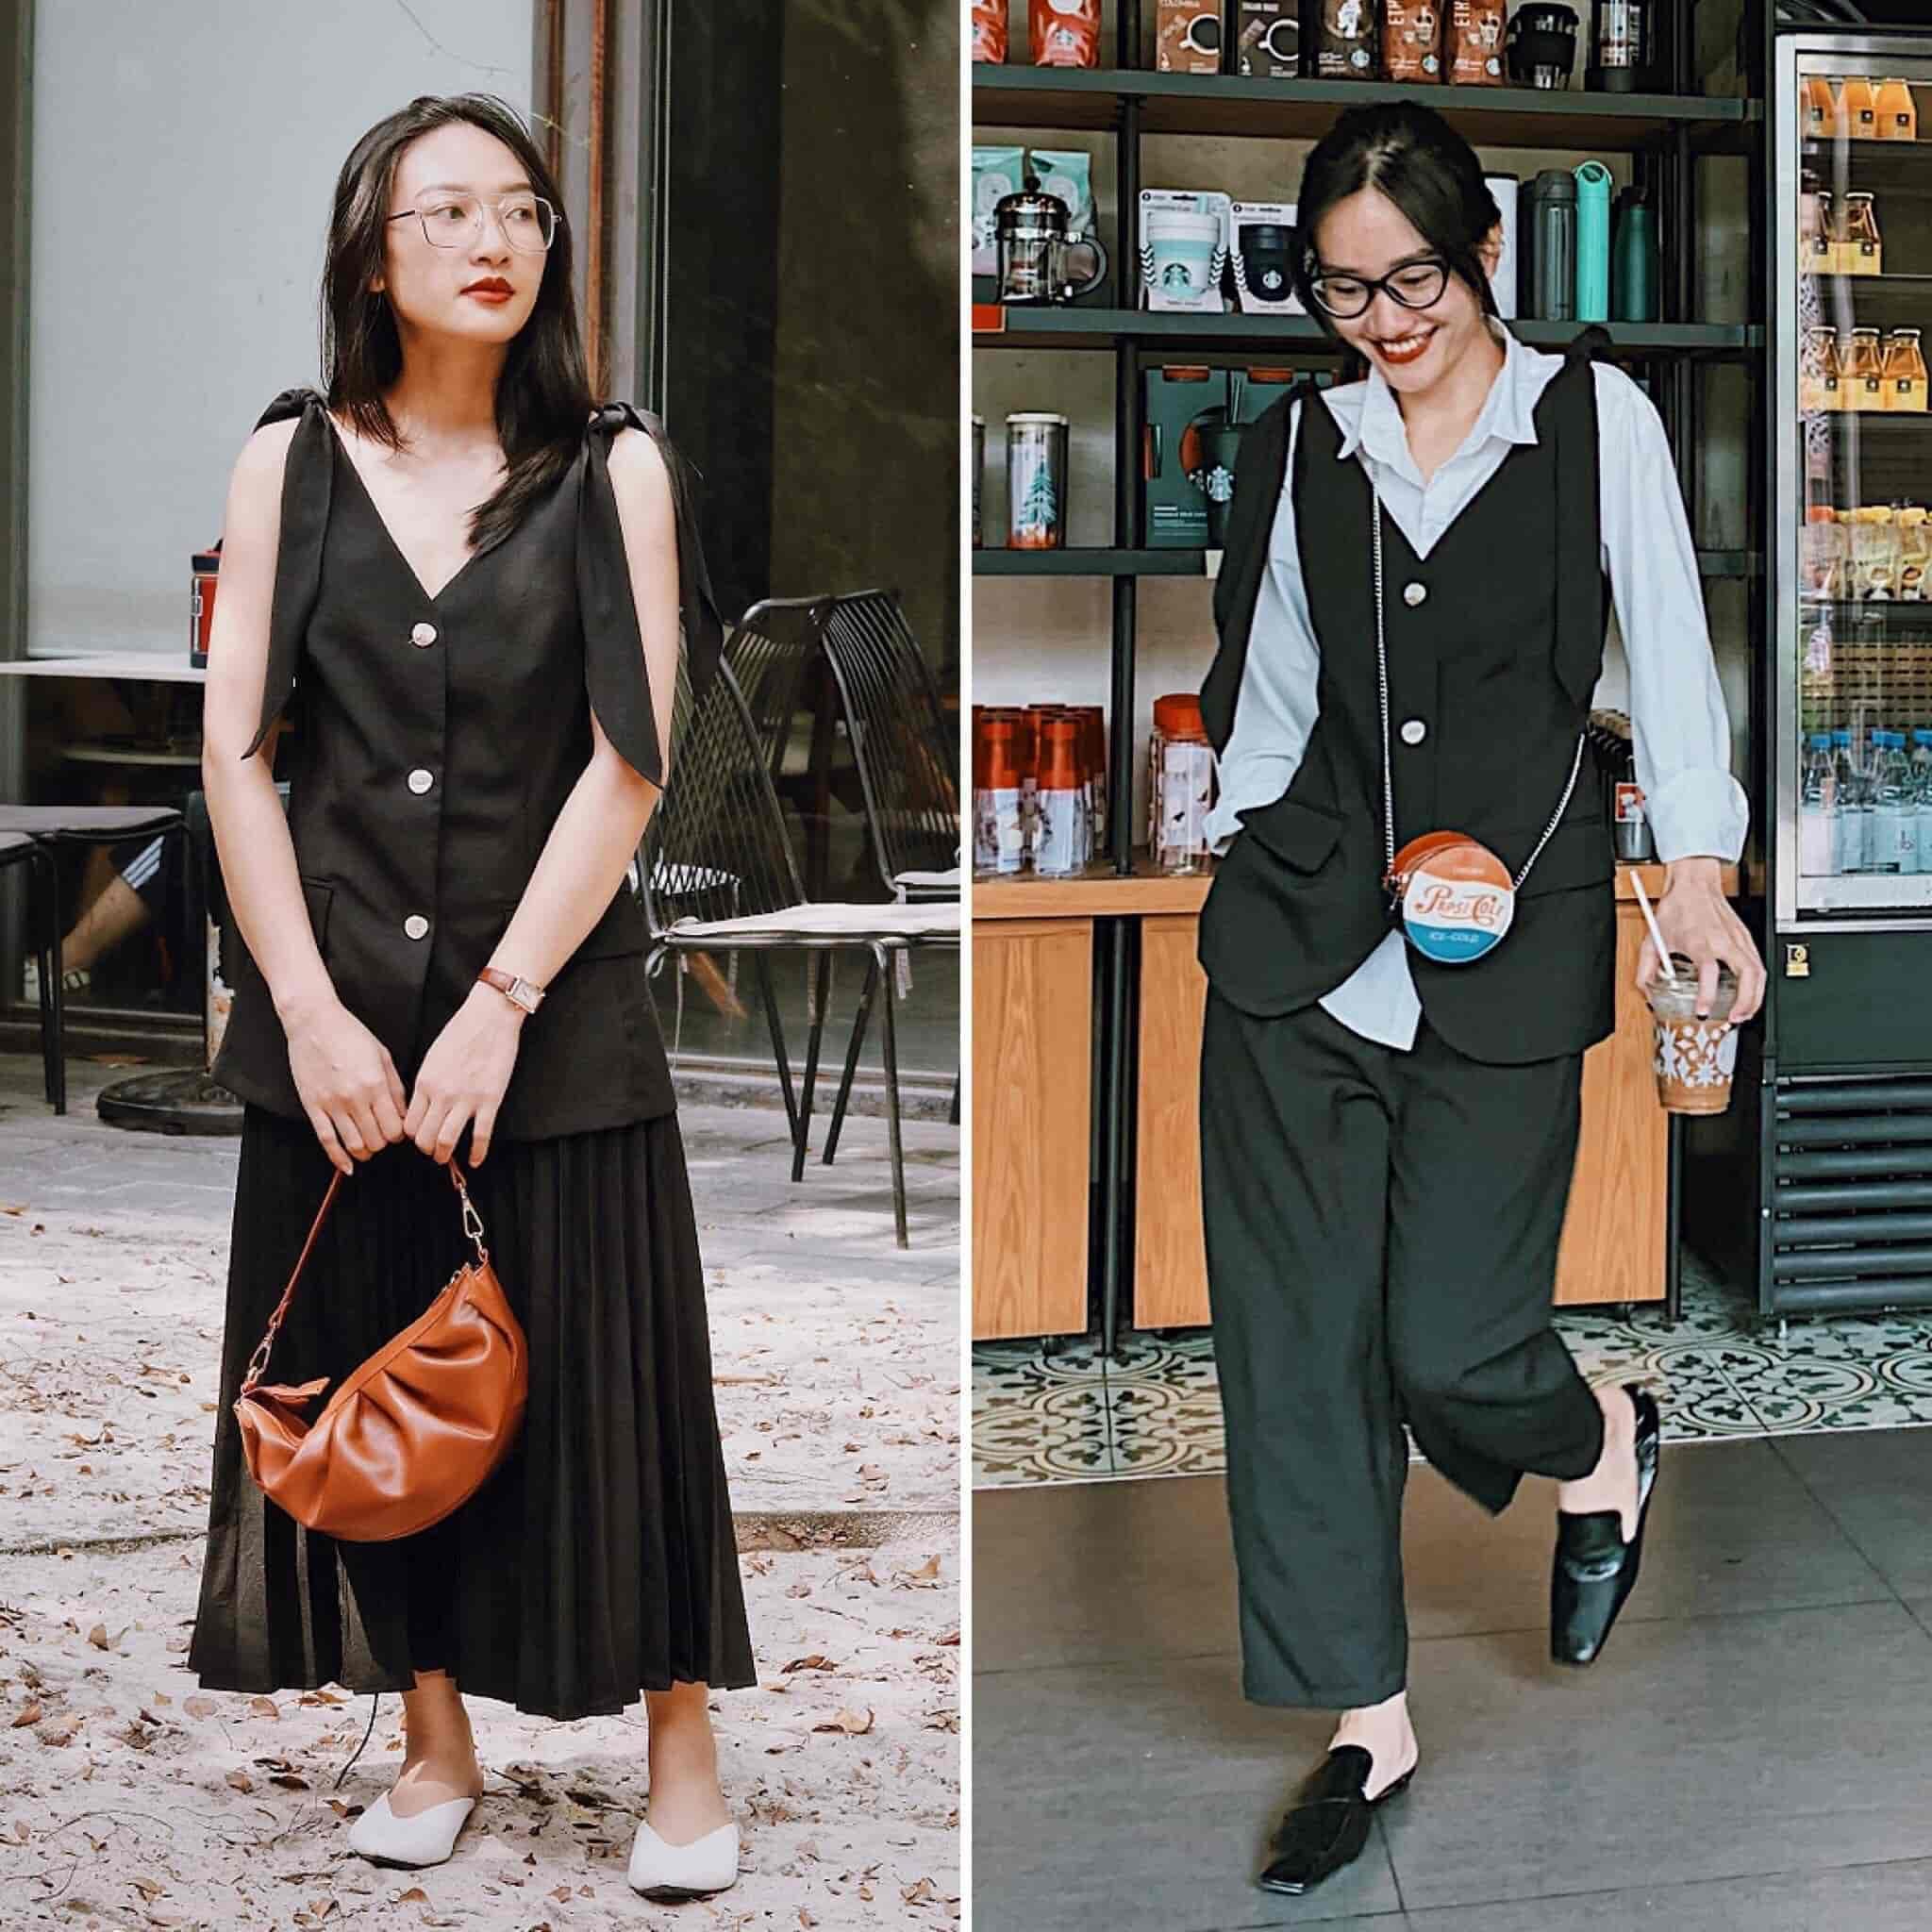 Mượn đồ chị mặc, cô em U30 biến hoá sành điệu: Bật mí chiêu tiết kiệm mua 1 mặc 2 - 6